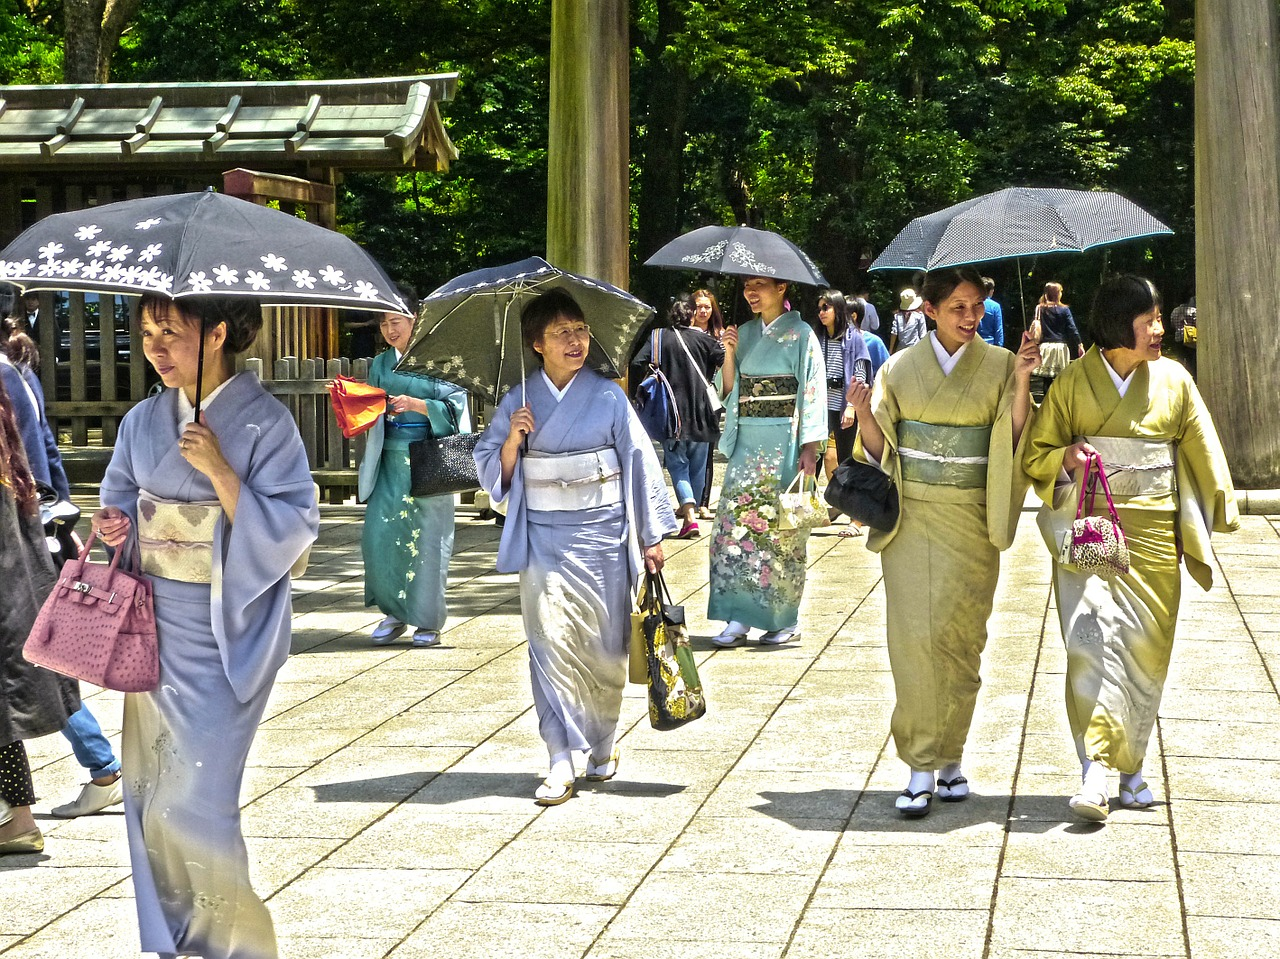 ...mnoho sňatků v Japonsku zprostředkovává profesionální dohazovač?